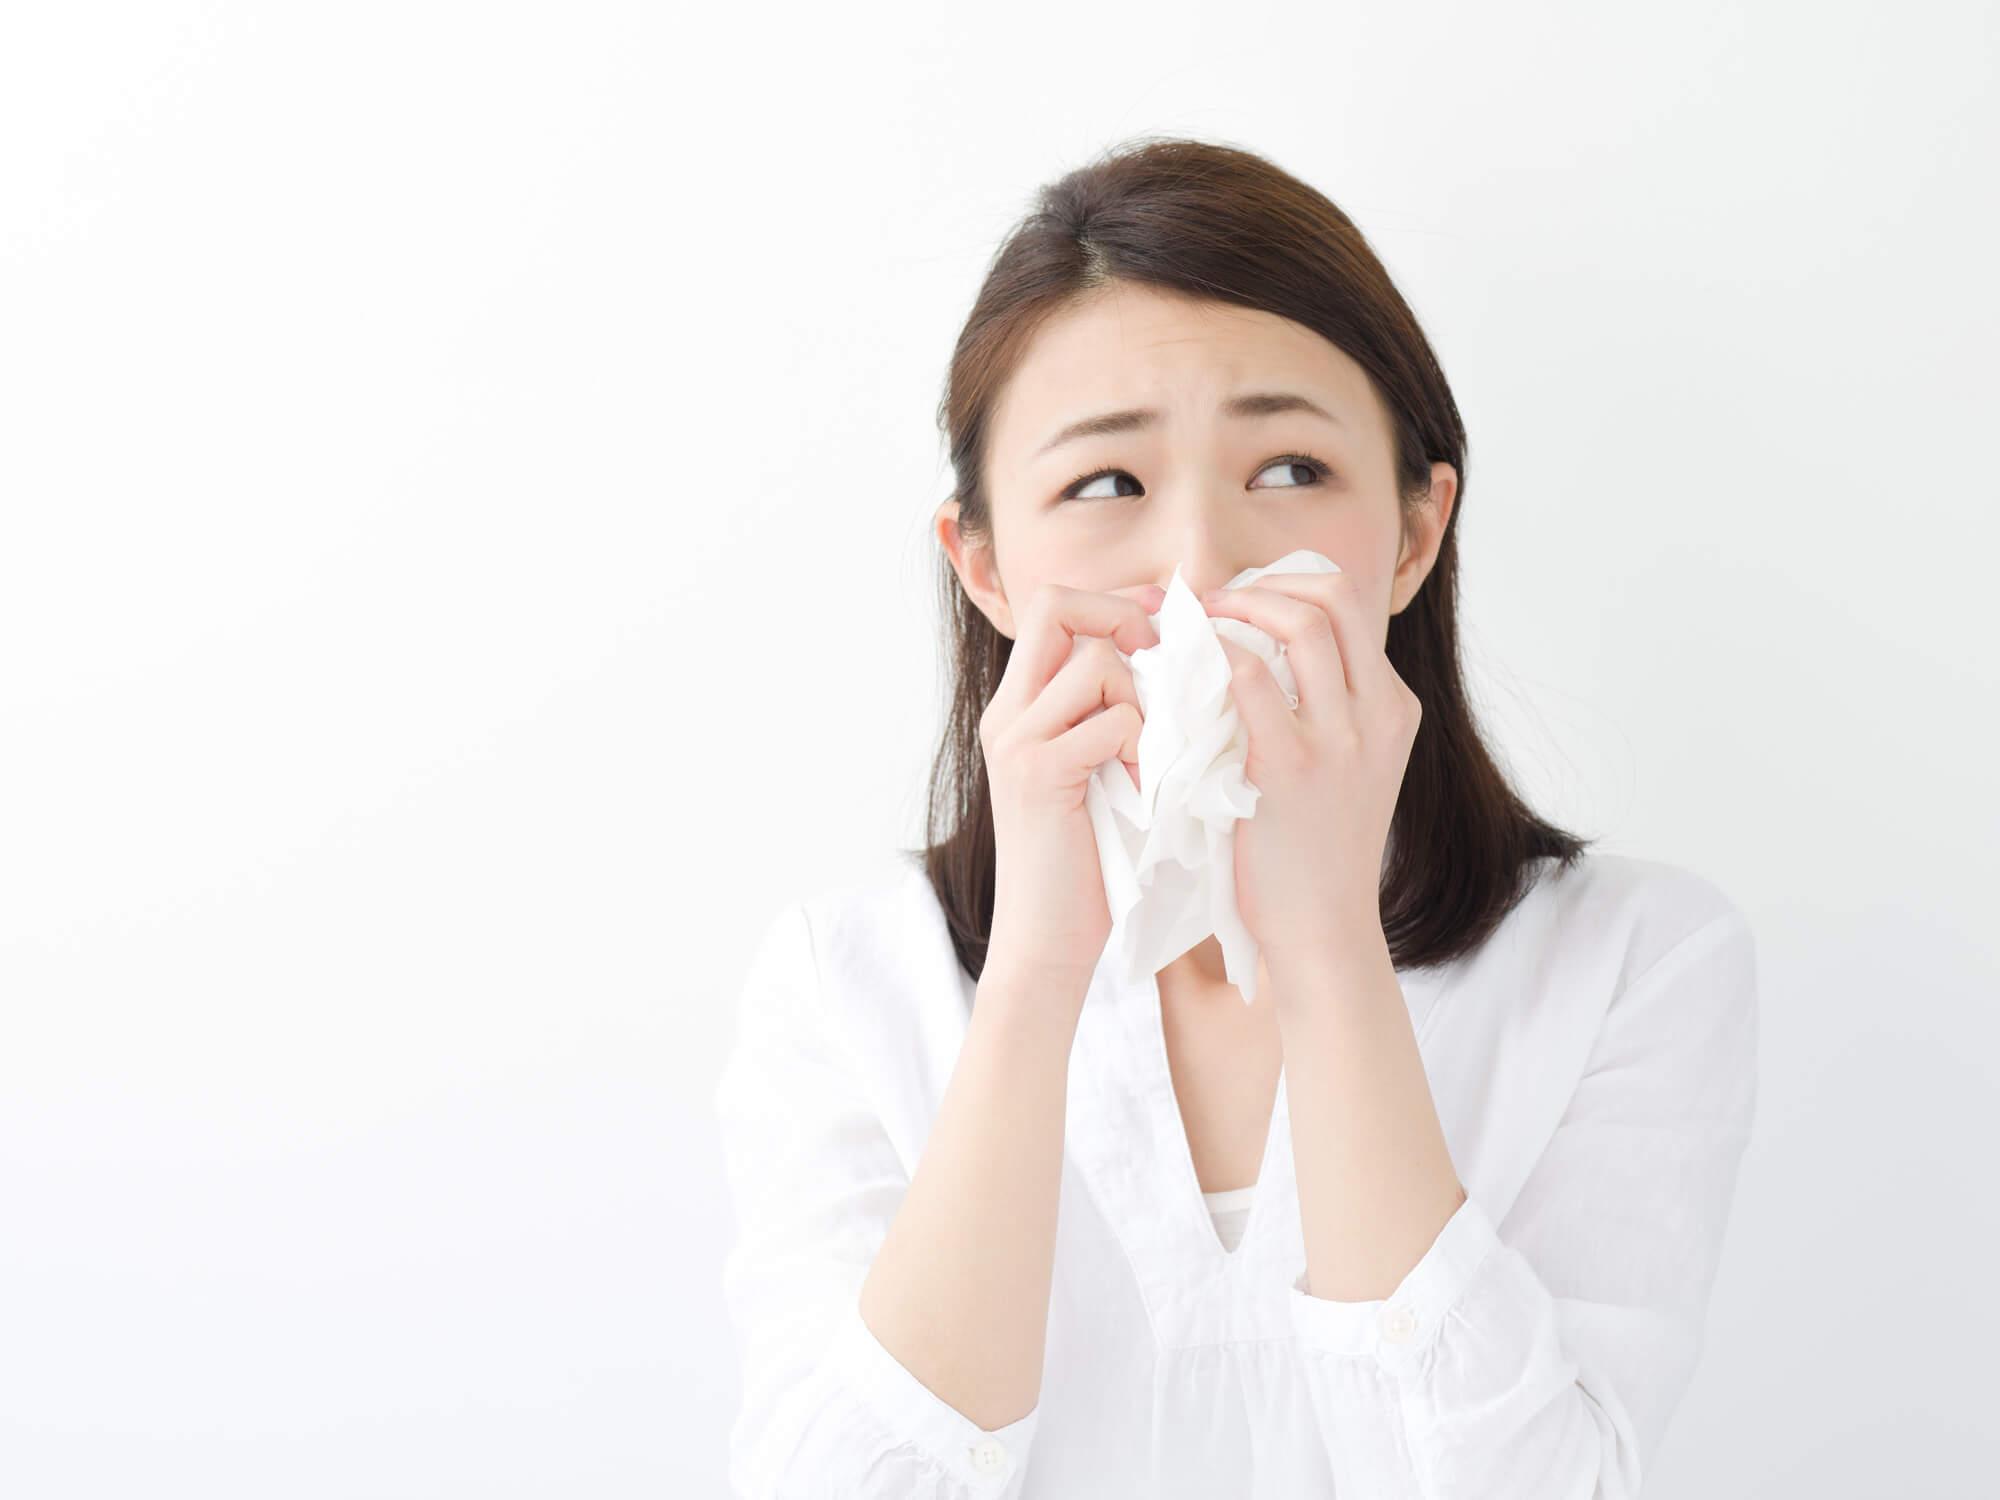 ハッカ油のメントール効果で花粉症・鼻づまりの対策!